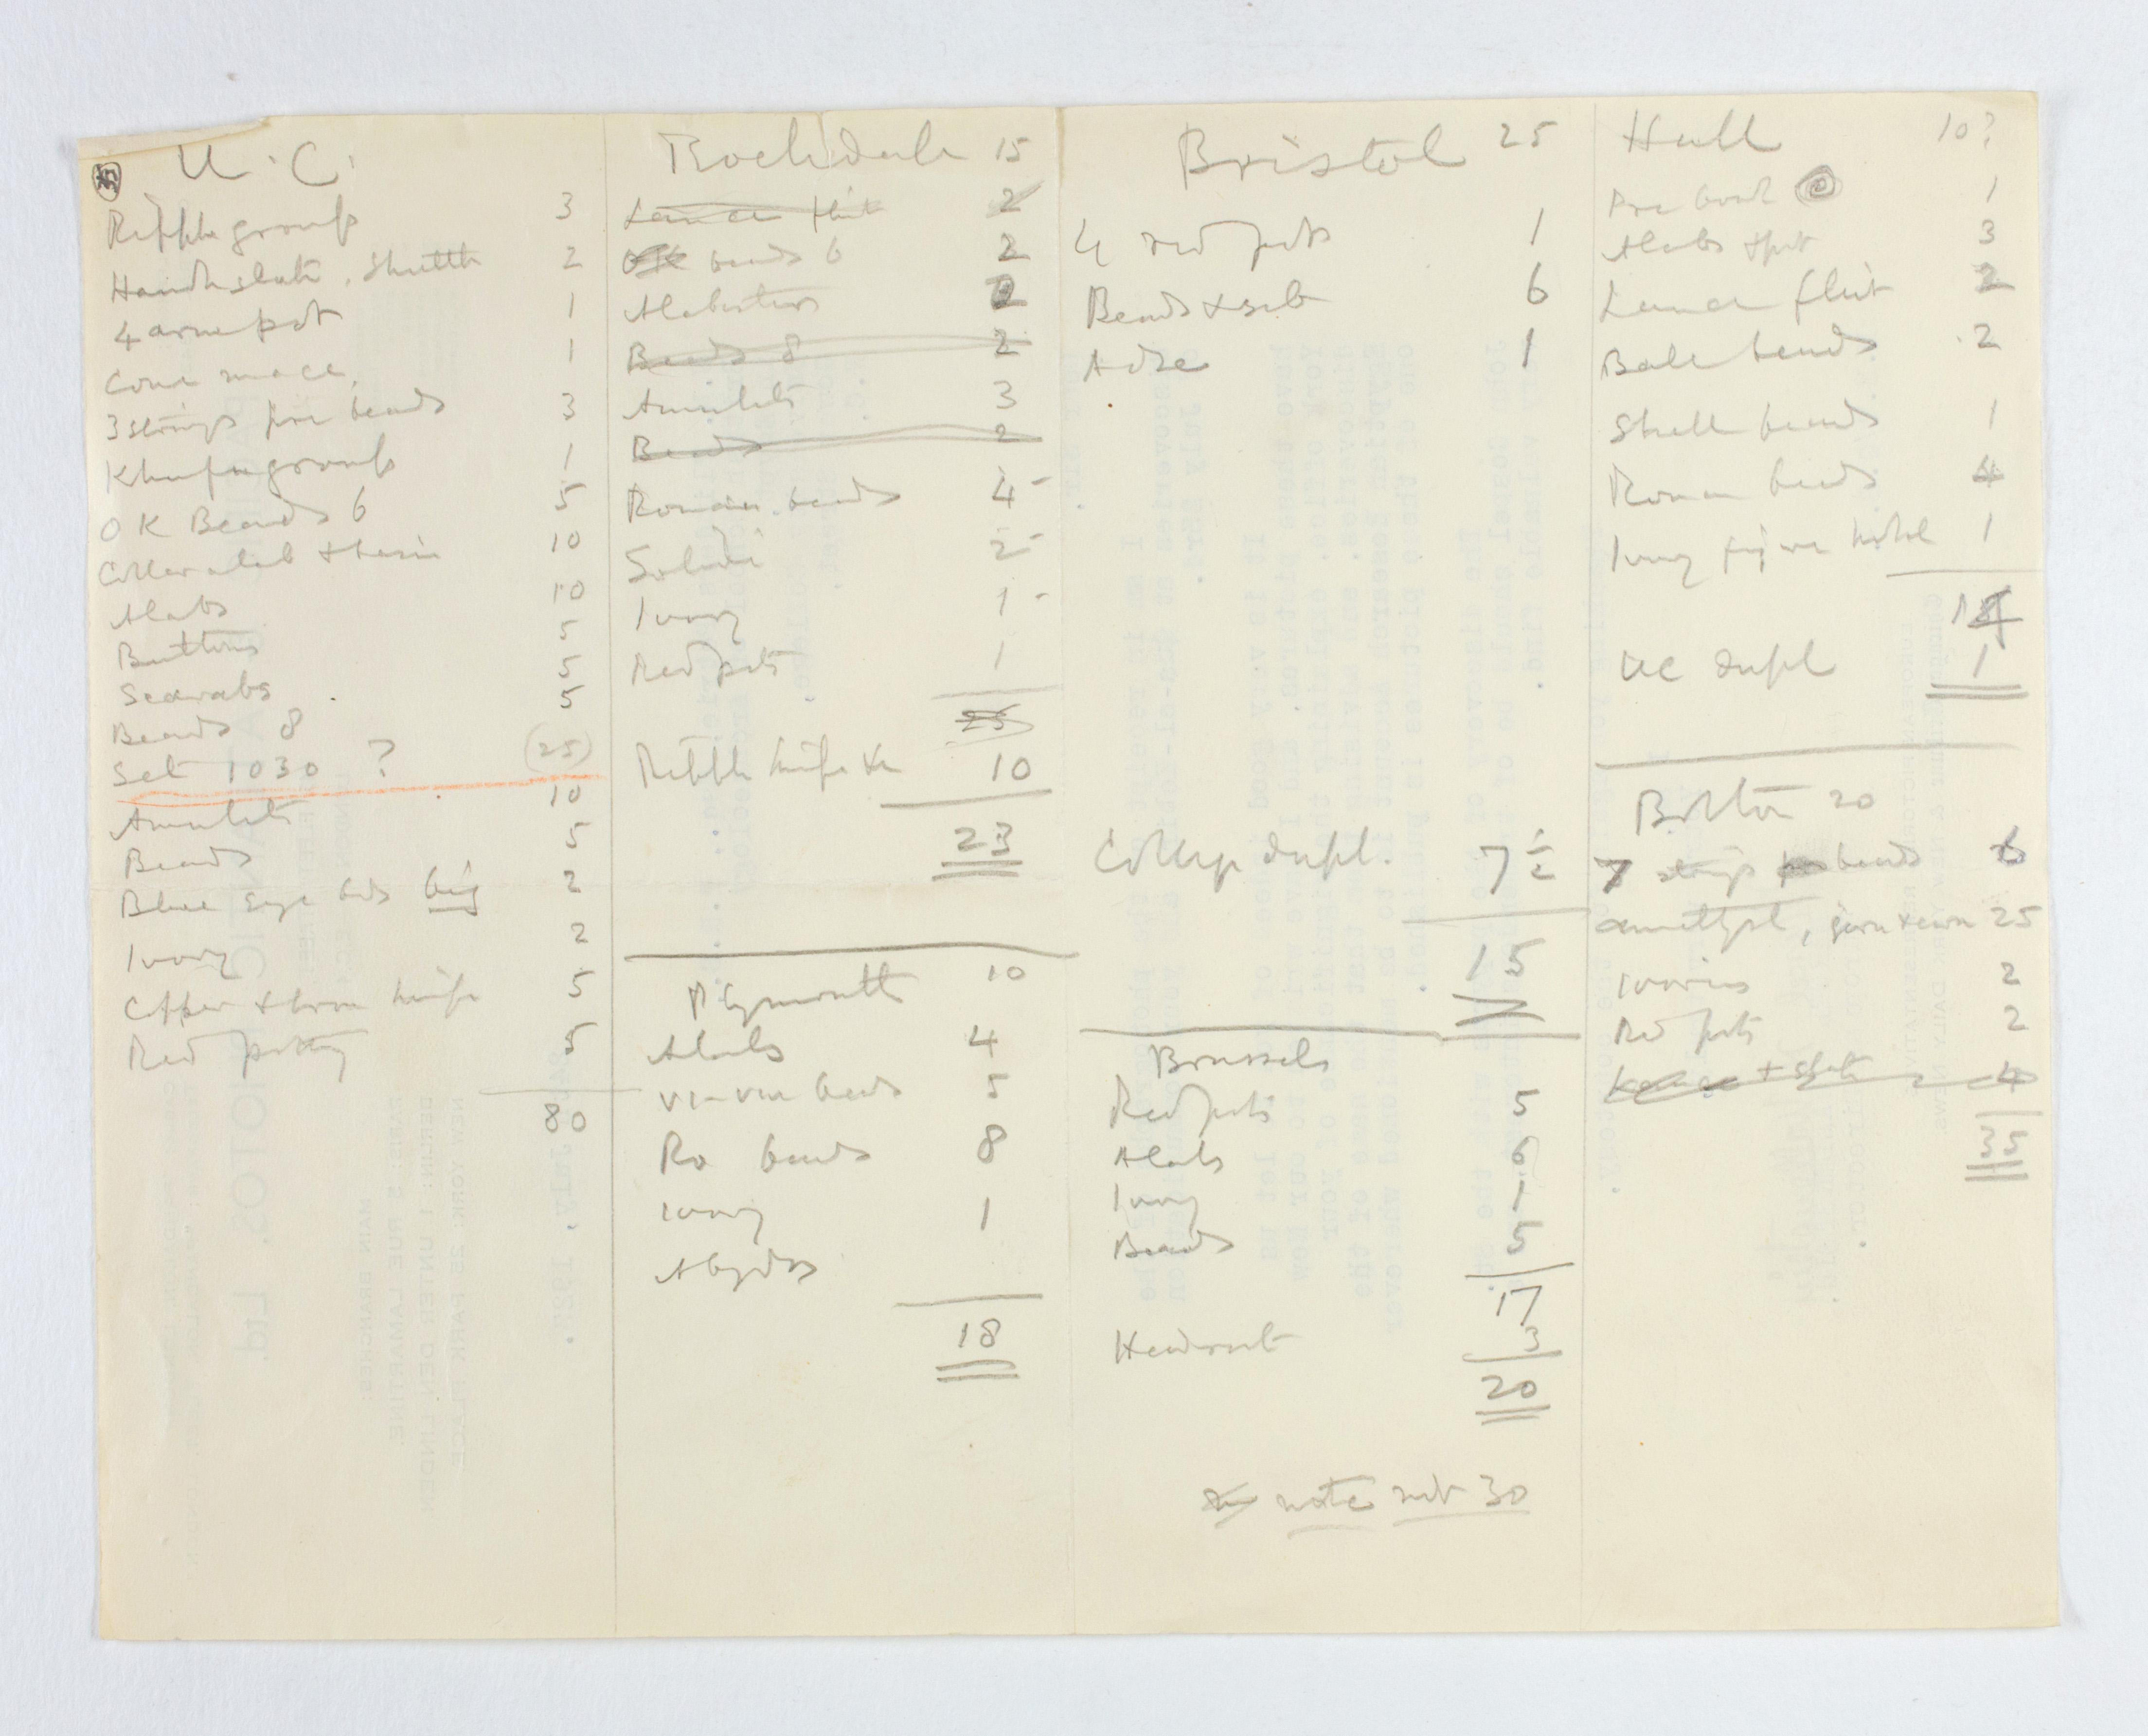 1922-23 Qau el-Kebir Multiple institution list PMA/WFP1/D/26/4.1